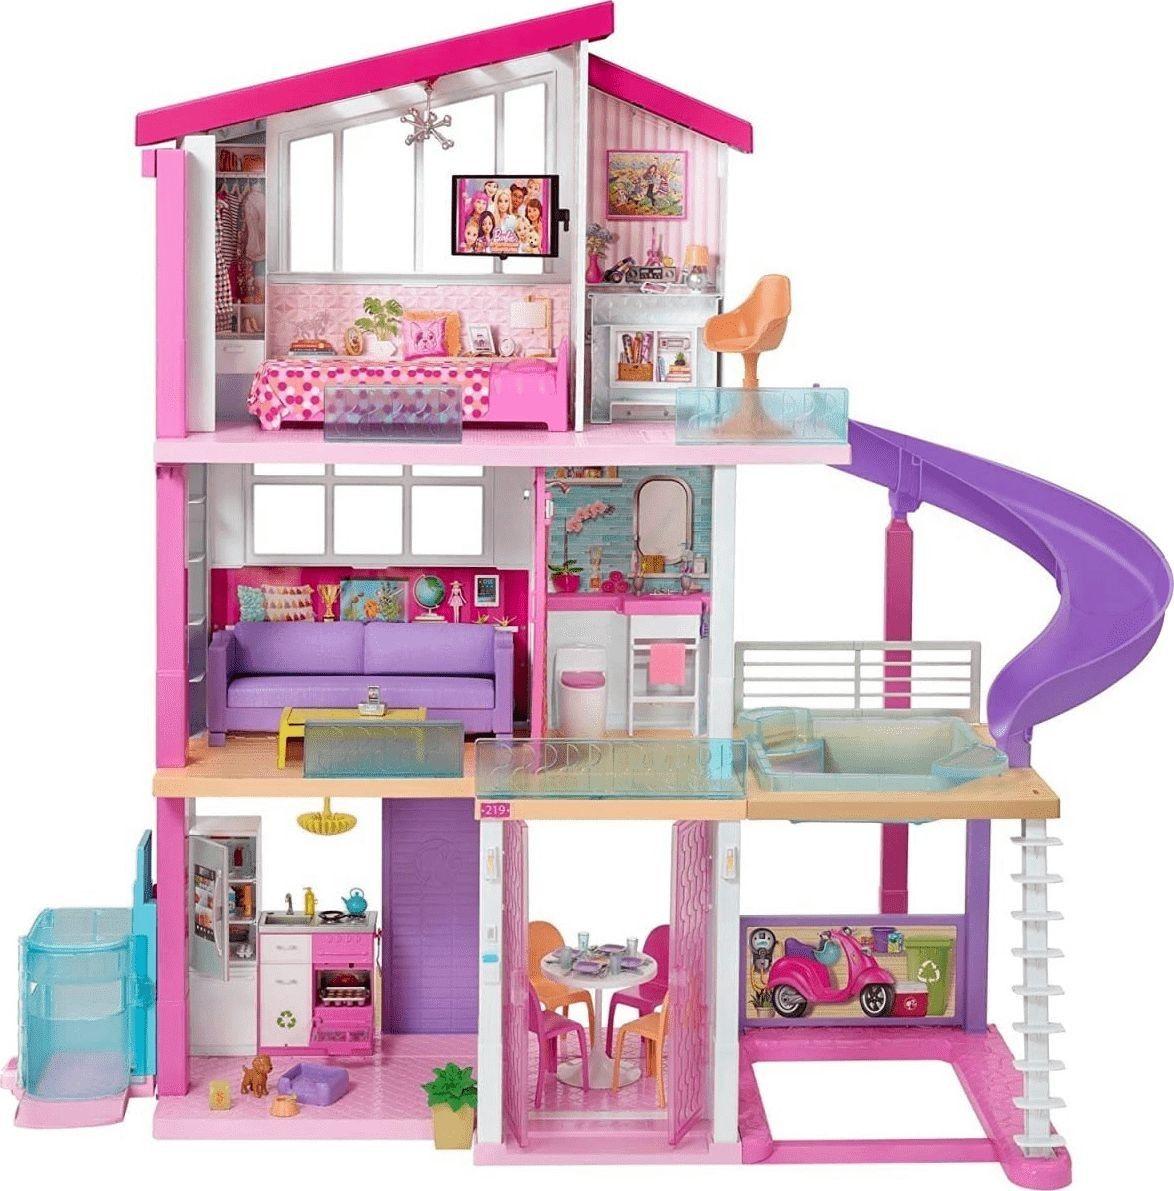 Barbie - Idealny Domek dla lalek światło i dźwięk GNH53